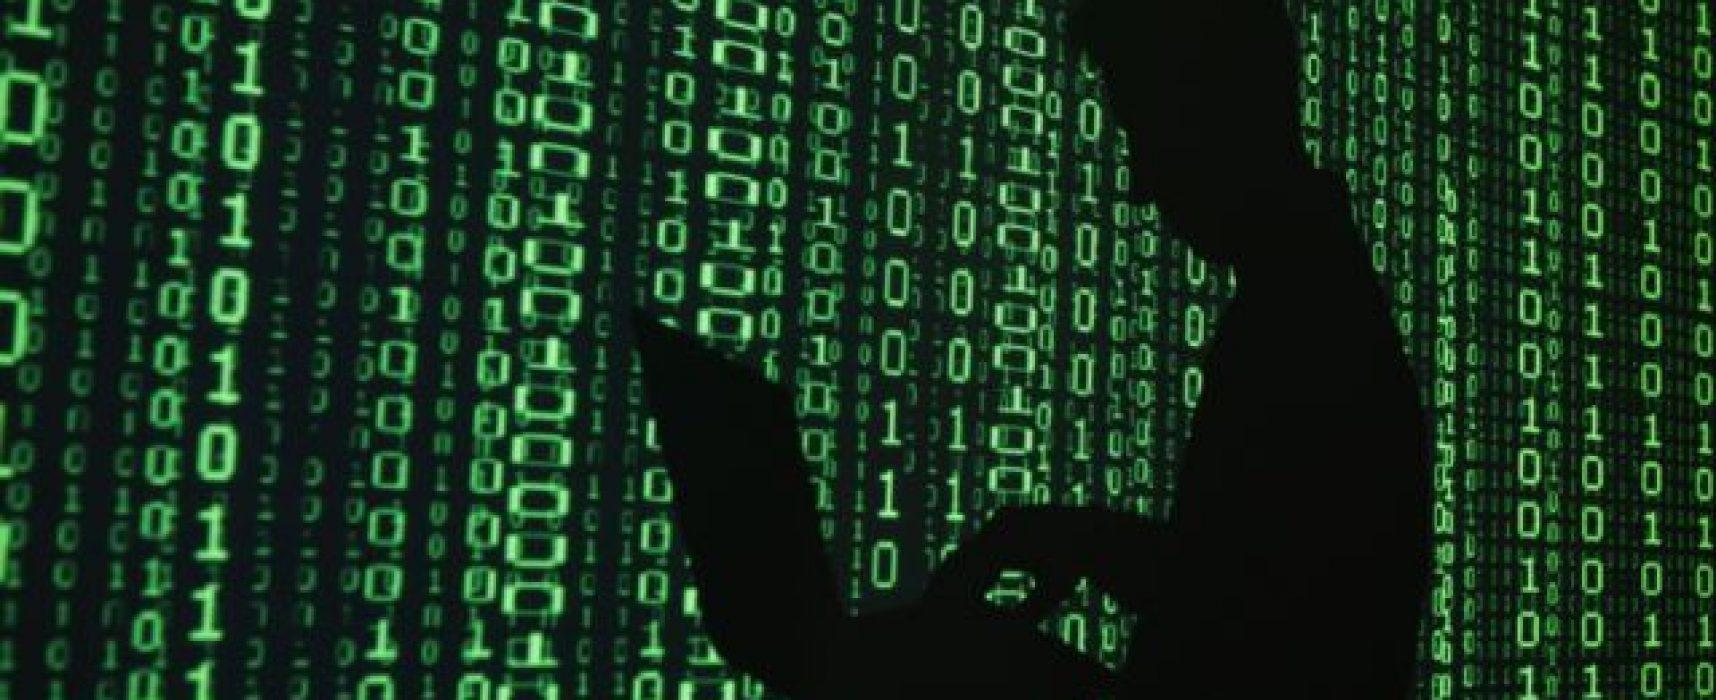 Кремлевские «тролли» в польском сегменте интернета сосредоточились на Украине – польские аналитики